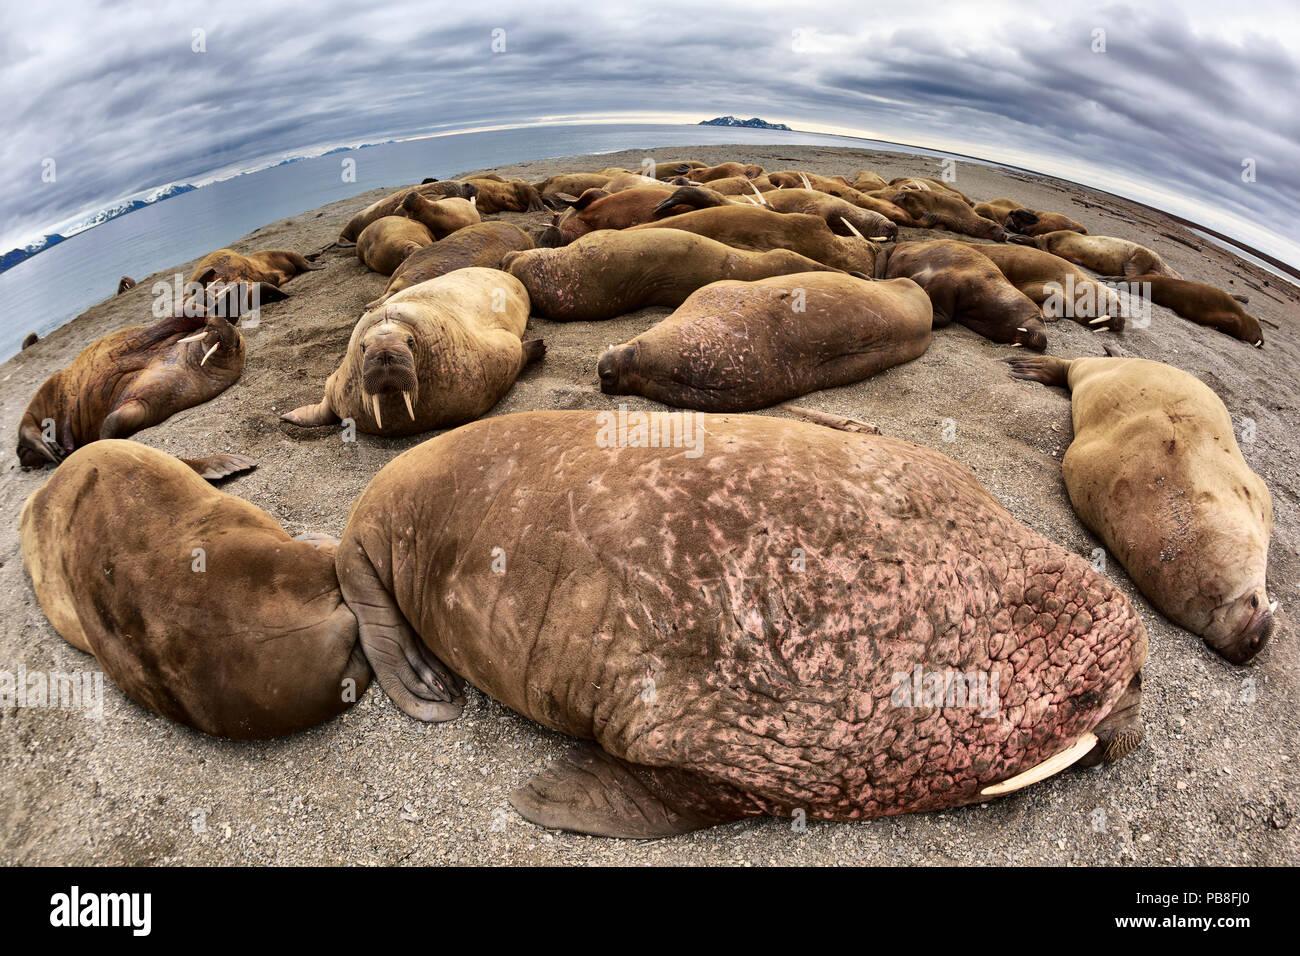 Les morses de l'Atlantique (Odobenus rosmarus rosmarus) grand angle de visualisation de grande colonie tiré au sec sur une plage pour se reposer, Svalbard, Norvège, juin Photo Stock